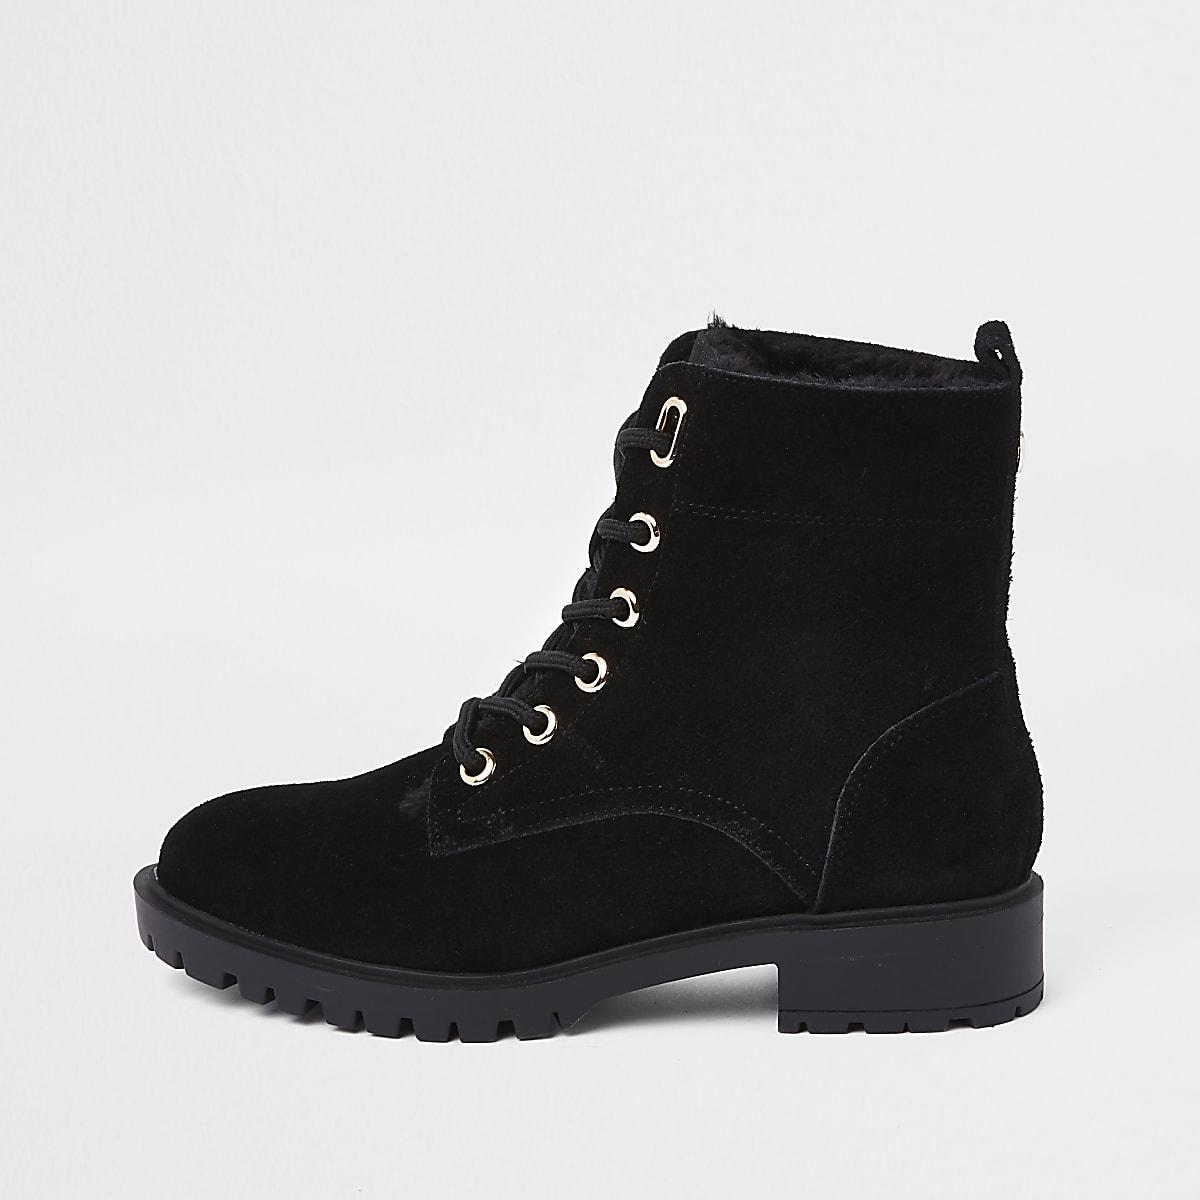 Zwarte wandelschoenen met veters en voering van imitatiebont